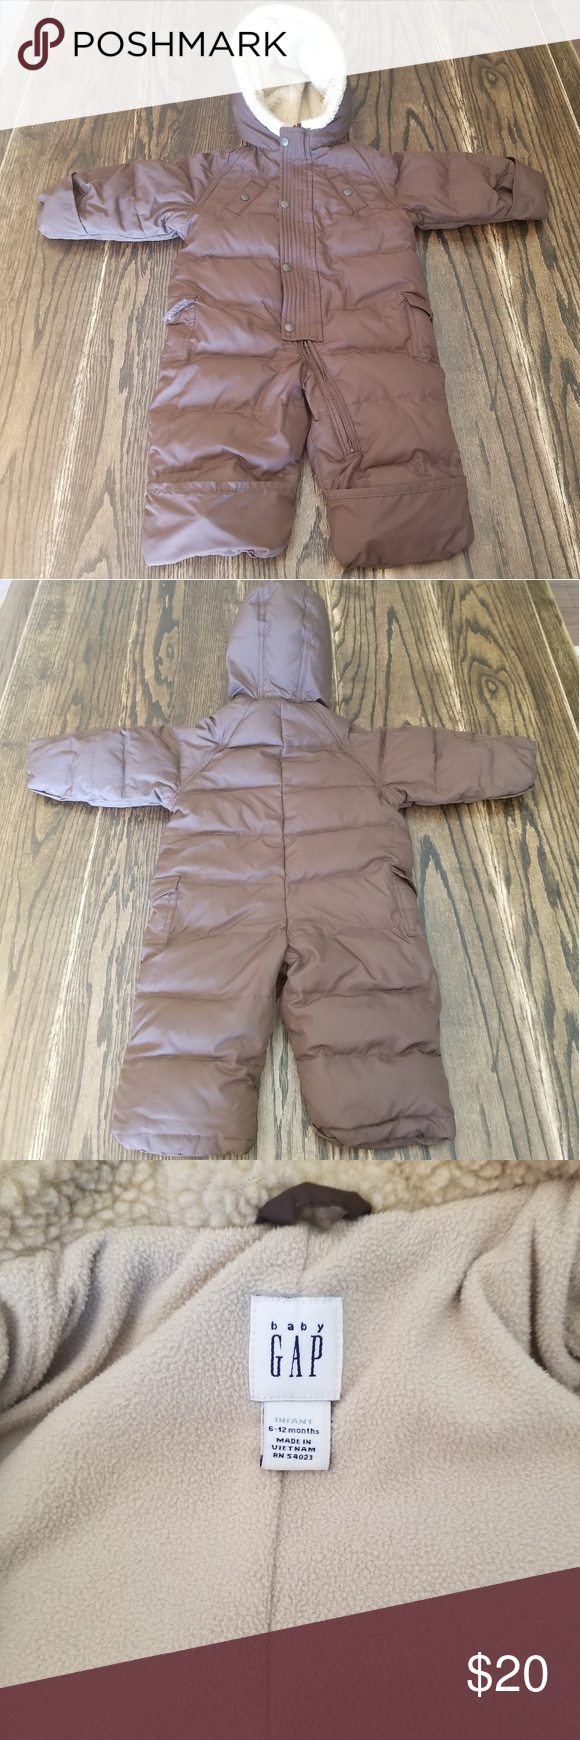 Baby GAP Snowsuit   Snow suit, Baby gap, Clothes design